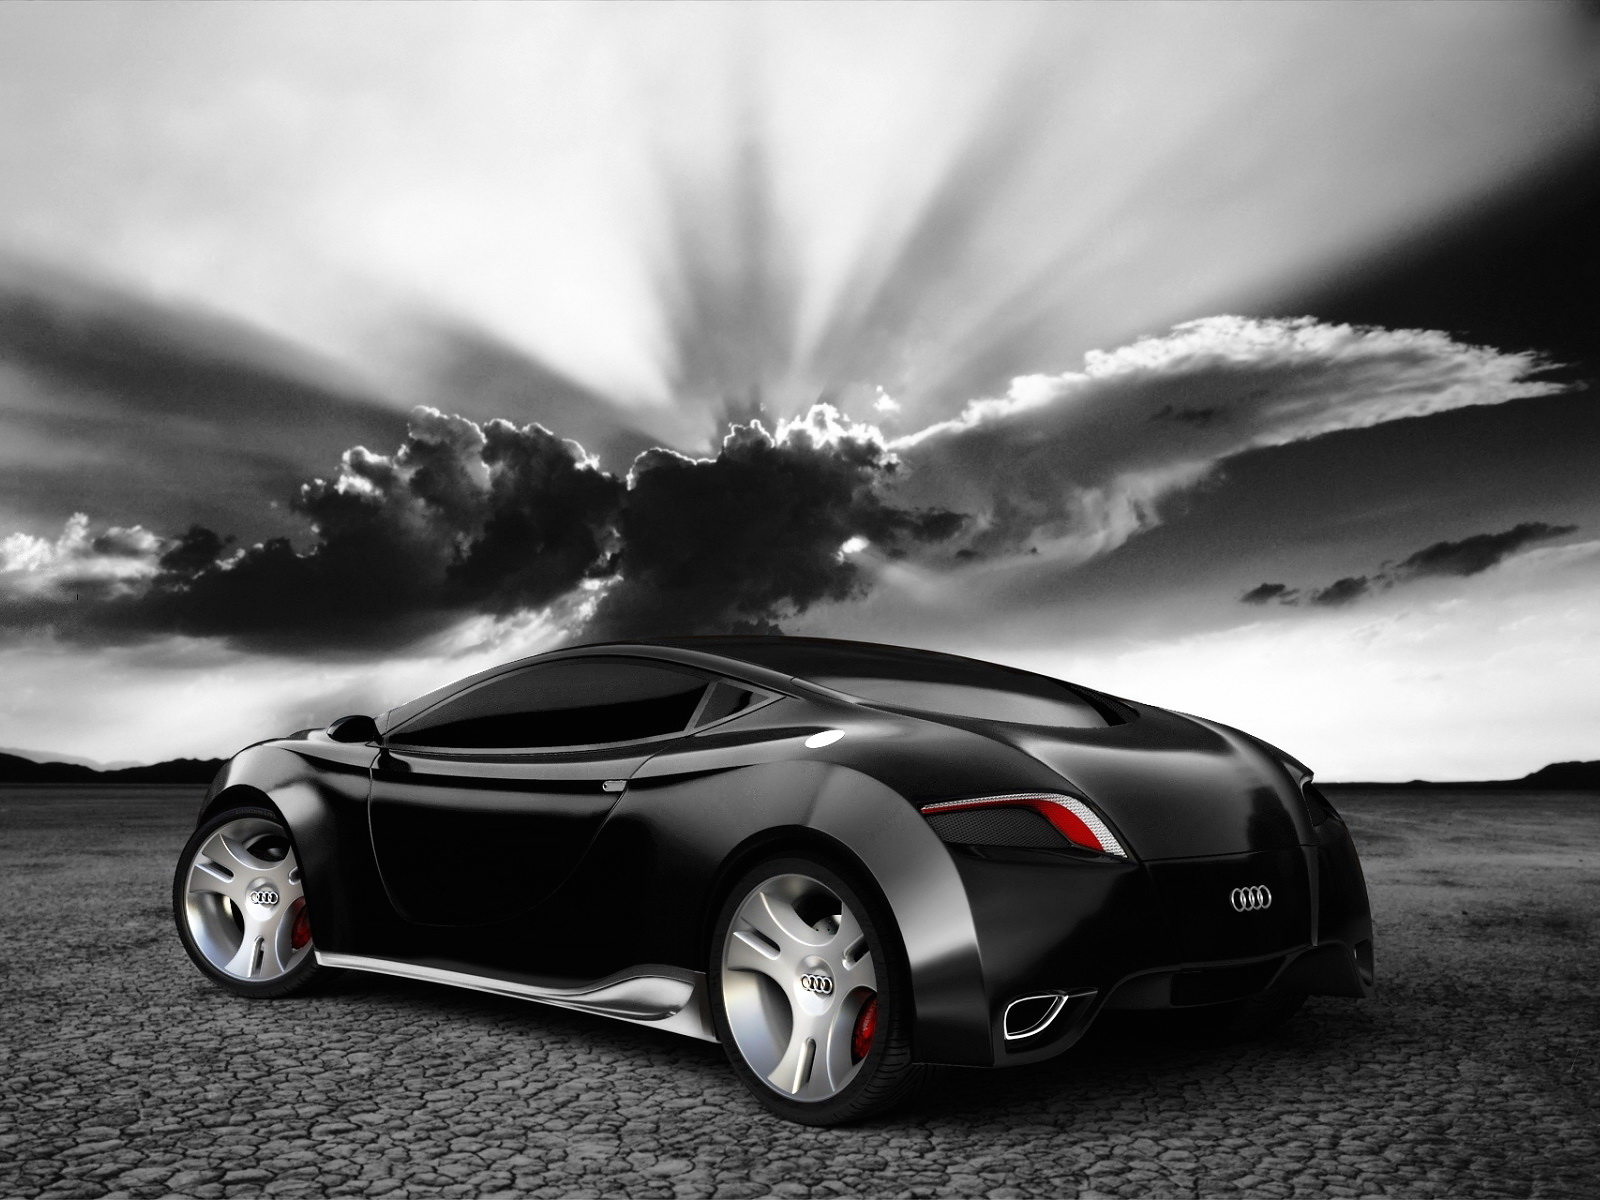 http://1.bp.blogspot.com/-6SLXWqz4mcU/TjpCblLVrnI/AAAAAAAAC8o/jjO00imM6rg/s1600/Amazing-Cars-HD-wallpaper-+1.jpg